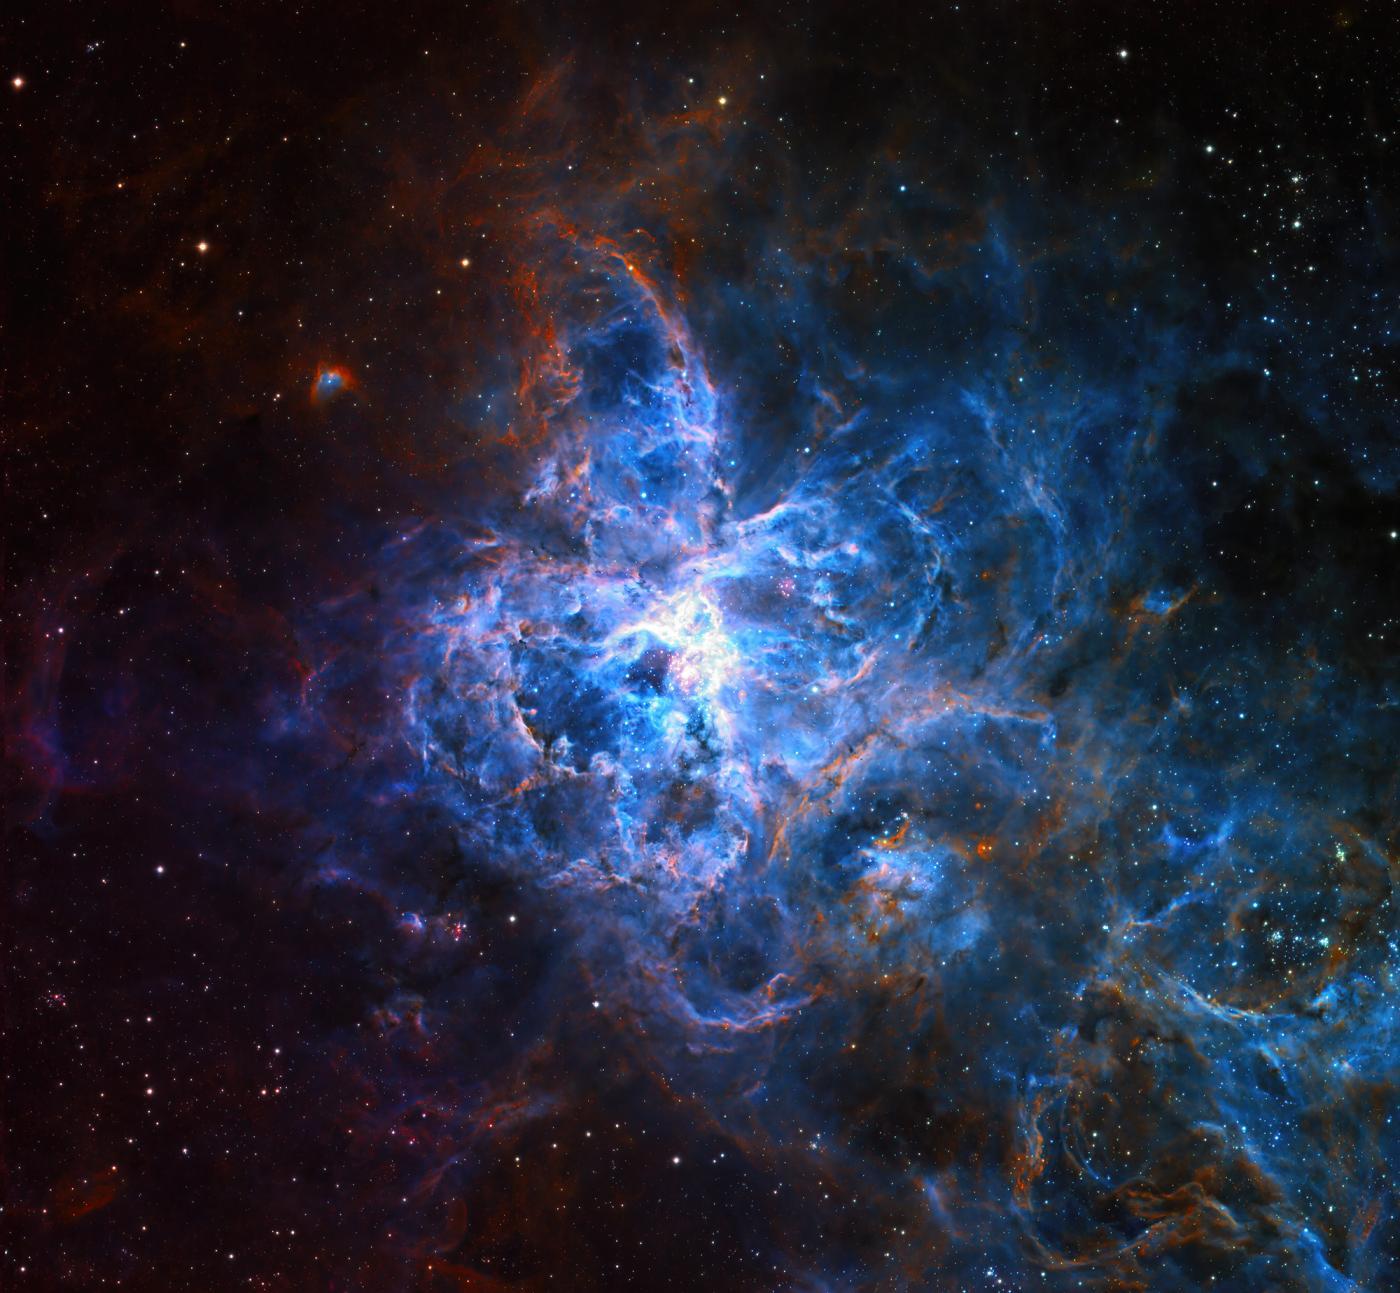 An image showing 'Tarantula Nebula '